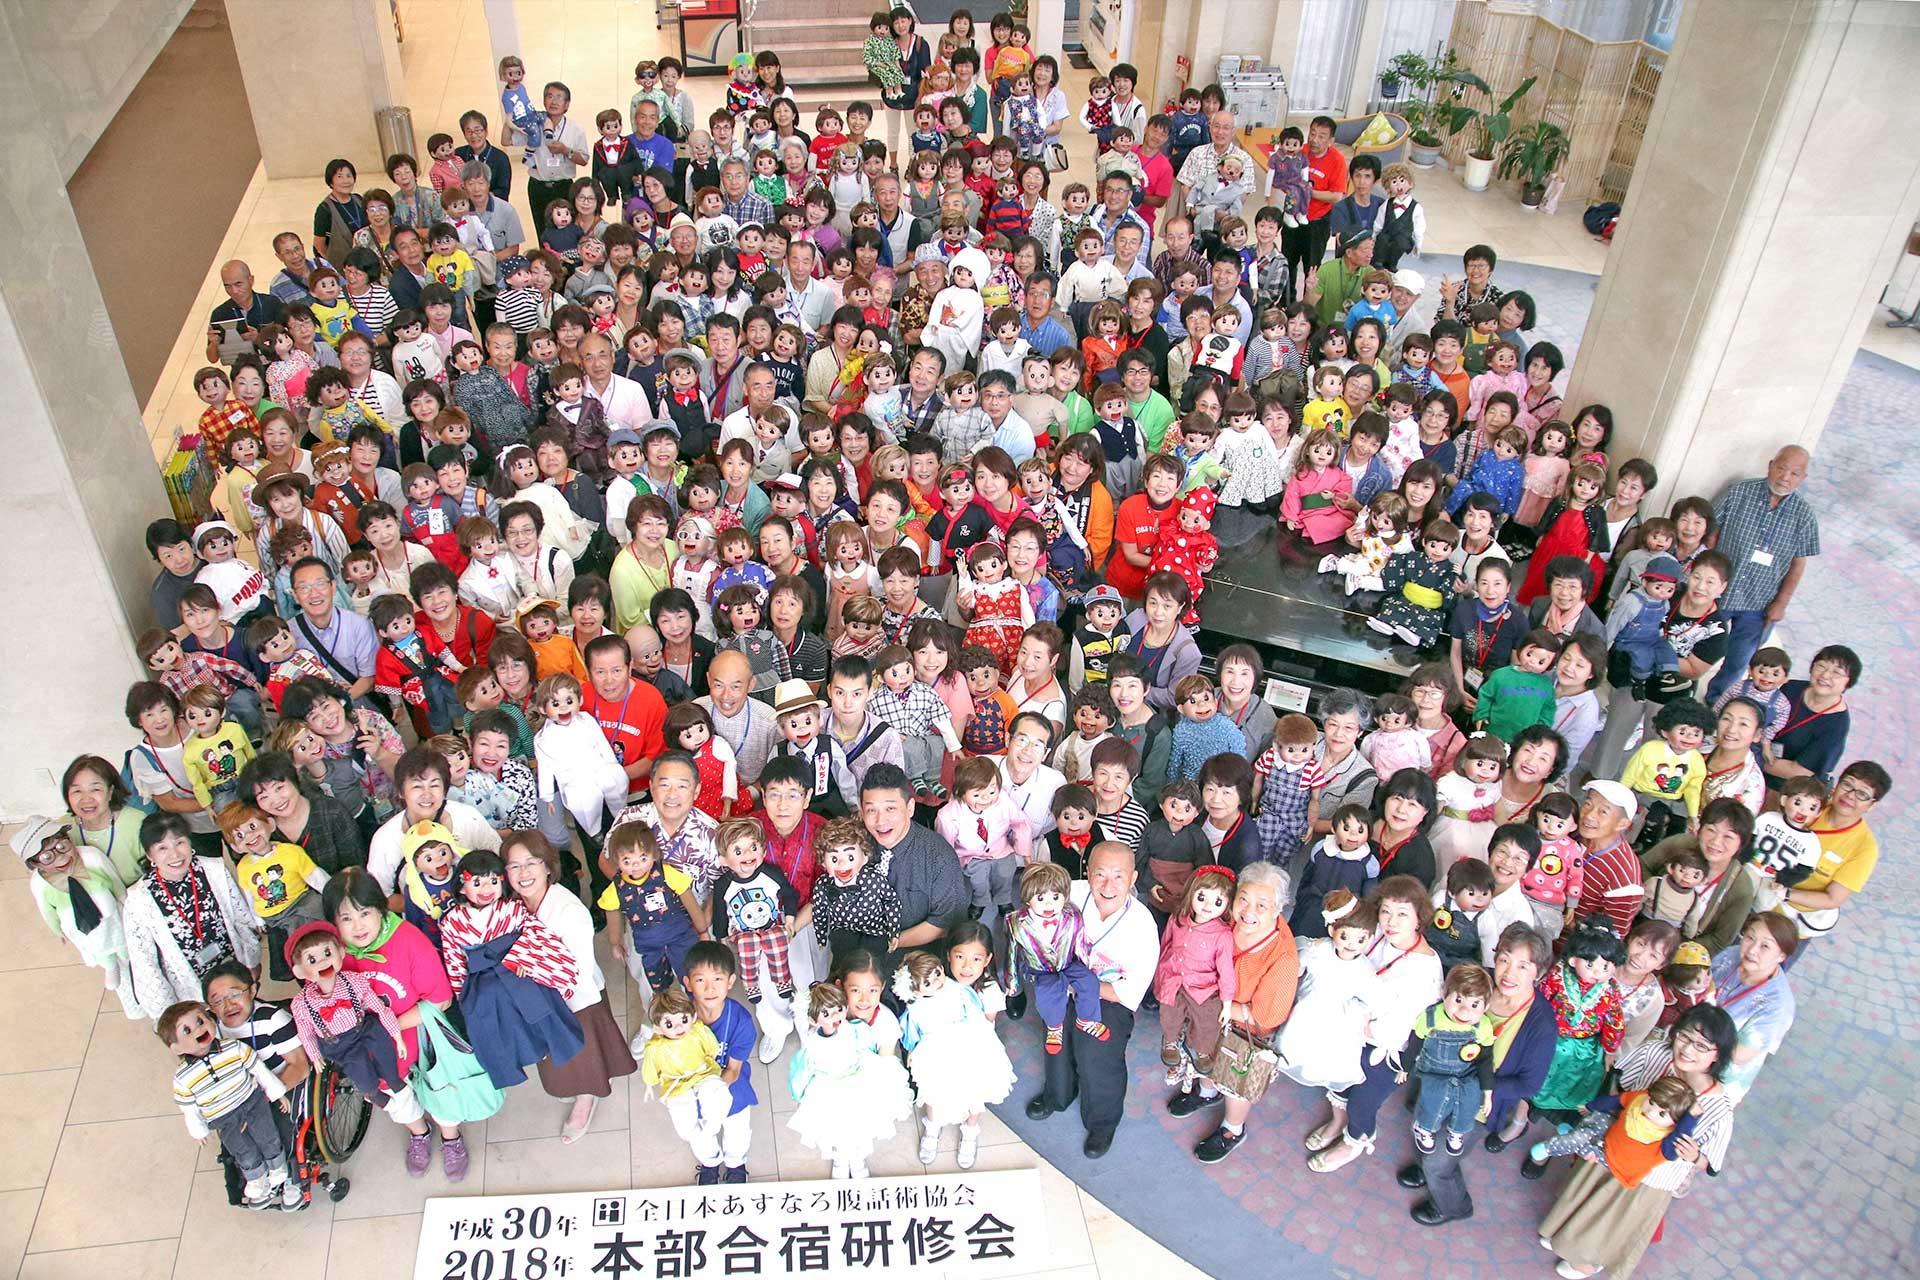 あすなろ腹話術 集合写真 全日本あすなろ腹話術協会・あすなろ腹話術人形-腹話術教室・腹話術講習会